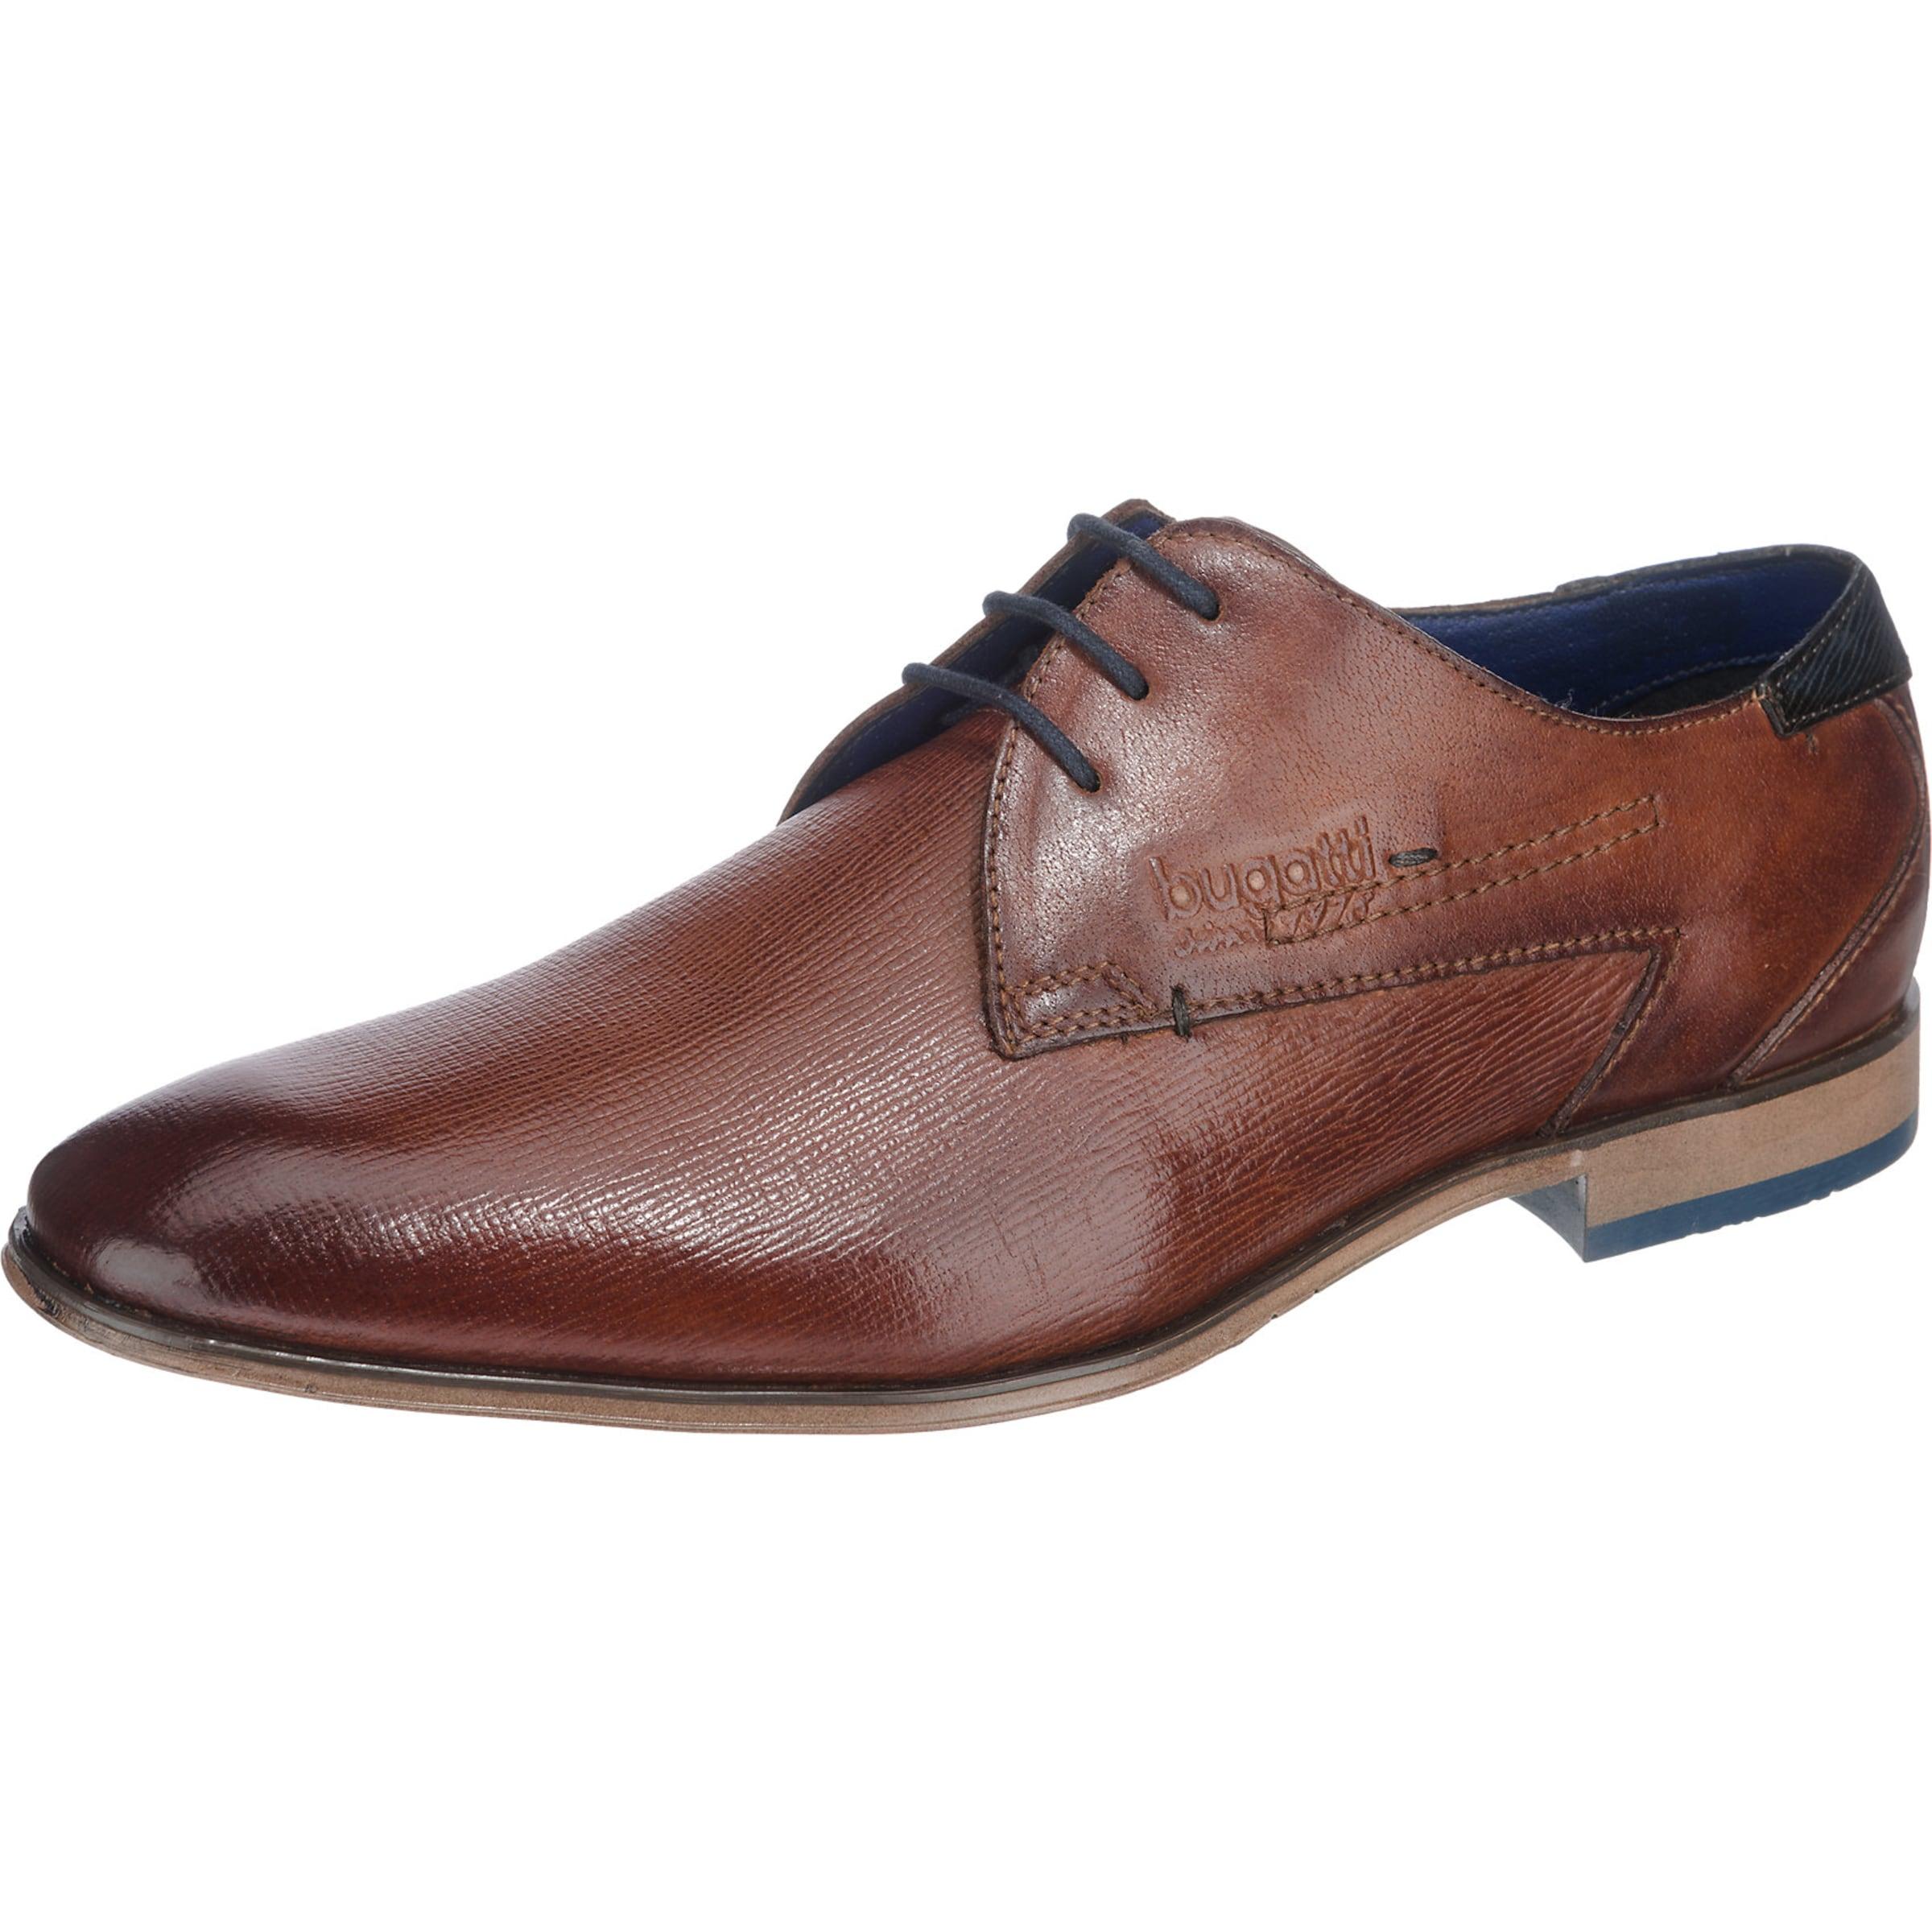 bugatti Schnürschuh Verschleißfeste billige Schuhe Hohe Qualität